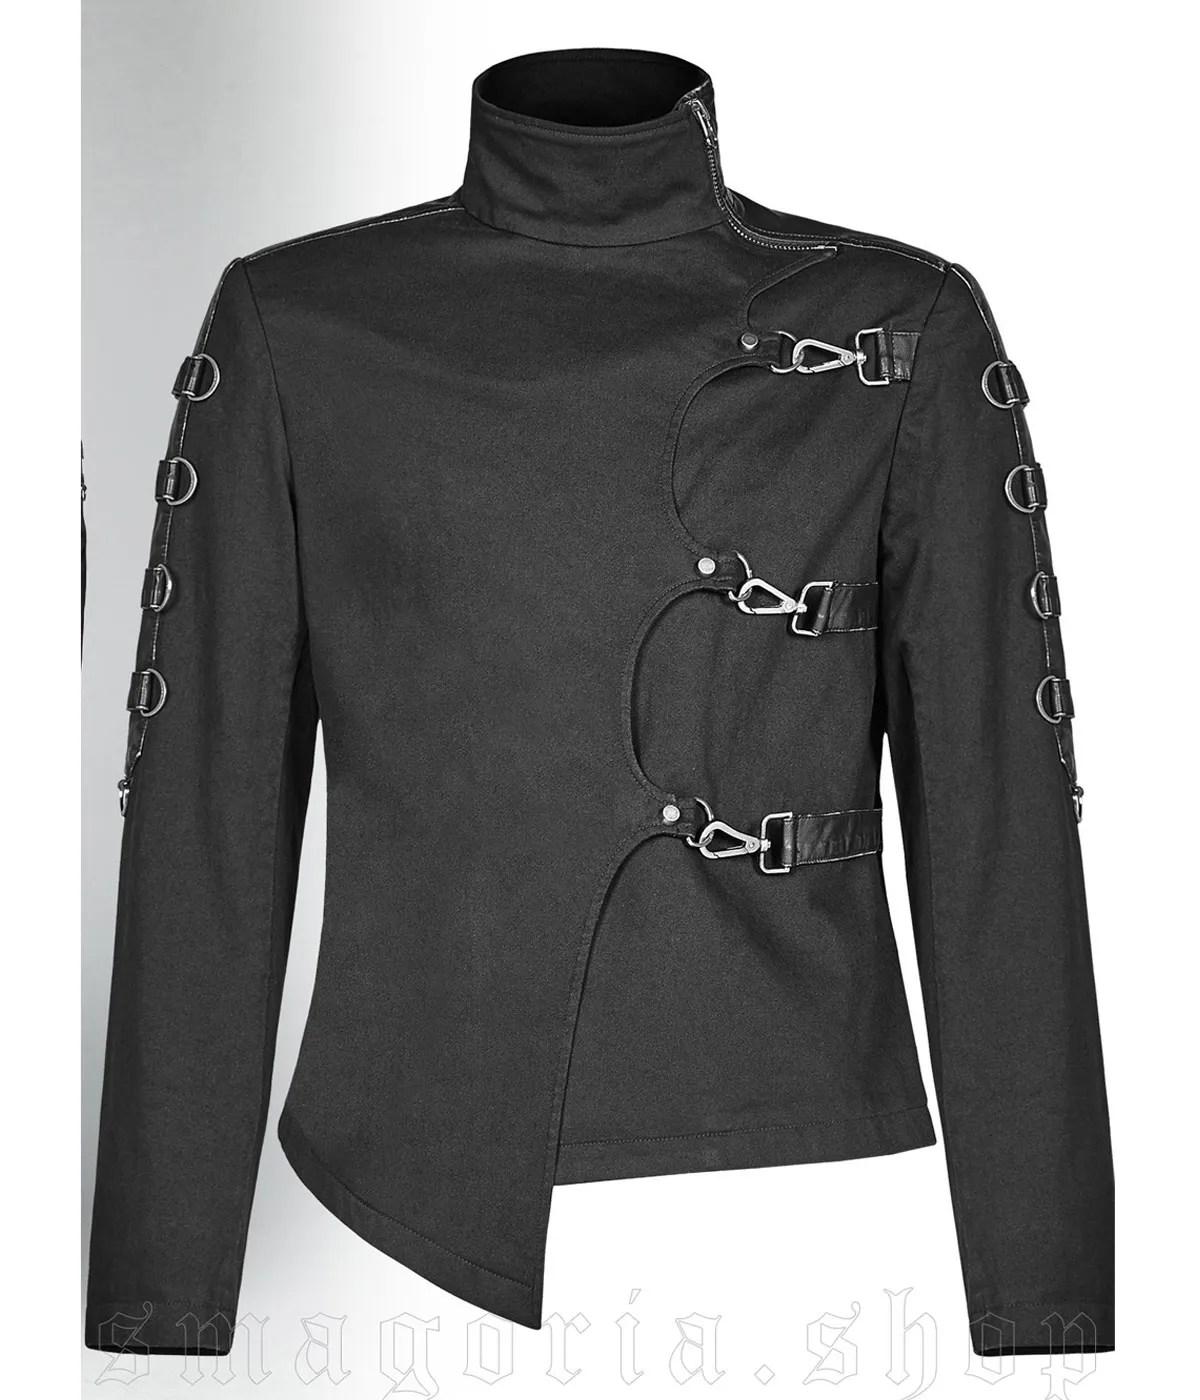 asylum-jacket